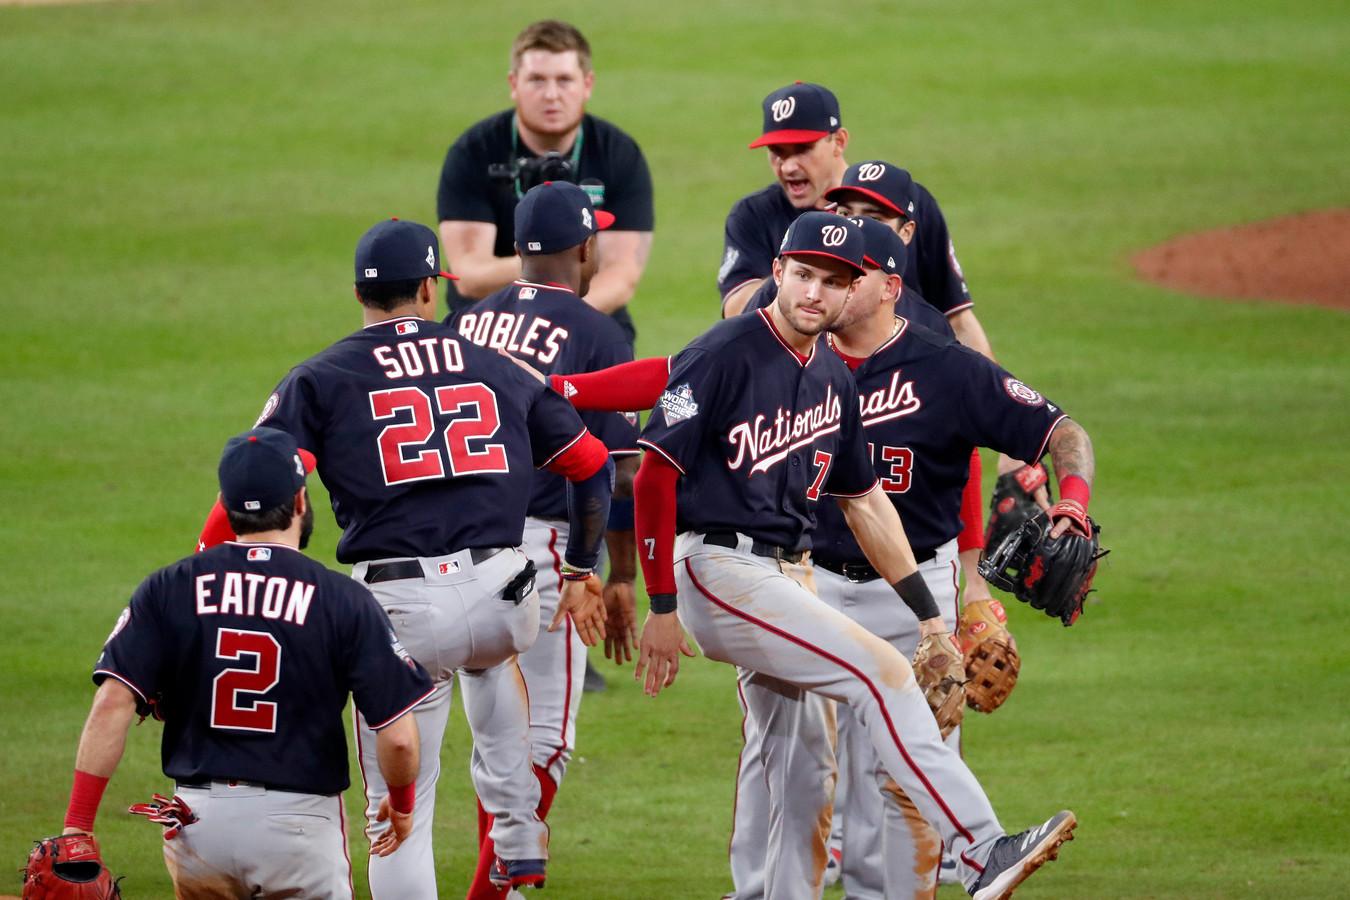 Vreugde bij de honkballers van de Washington Nationals.